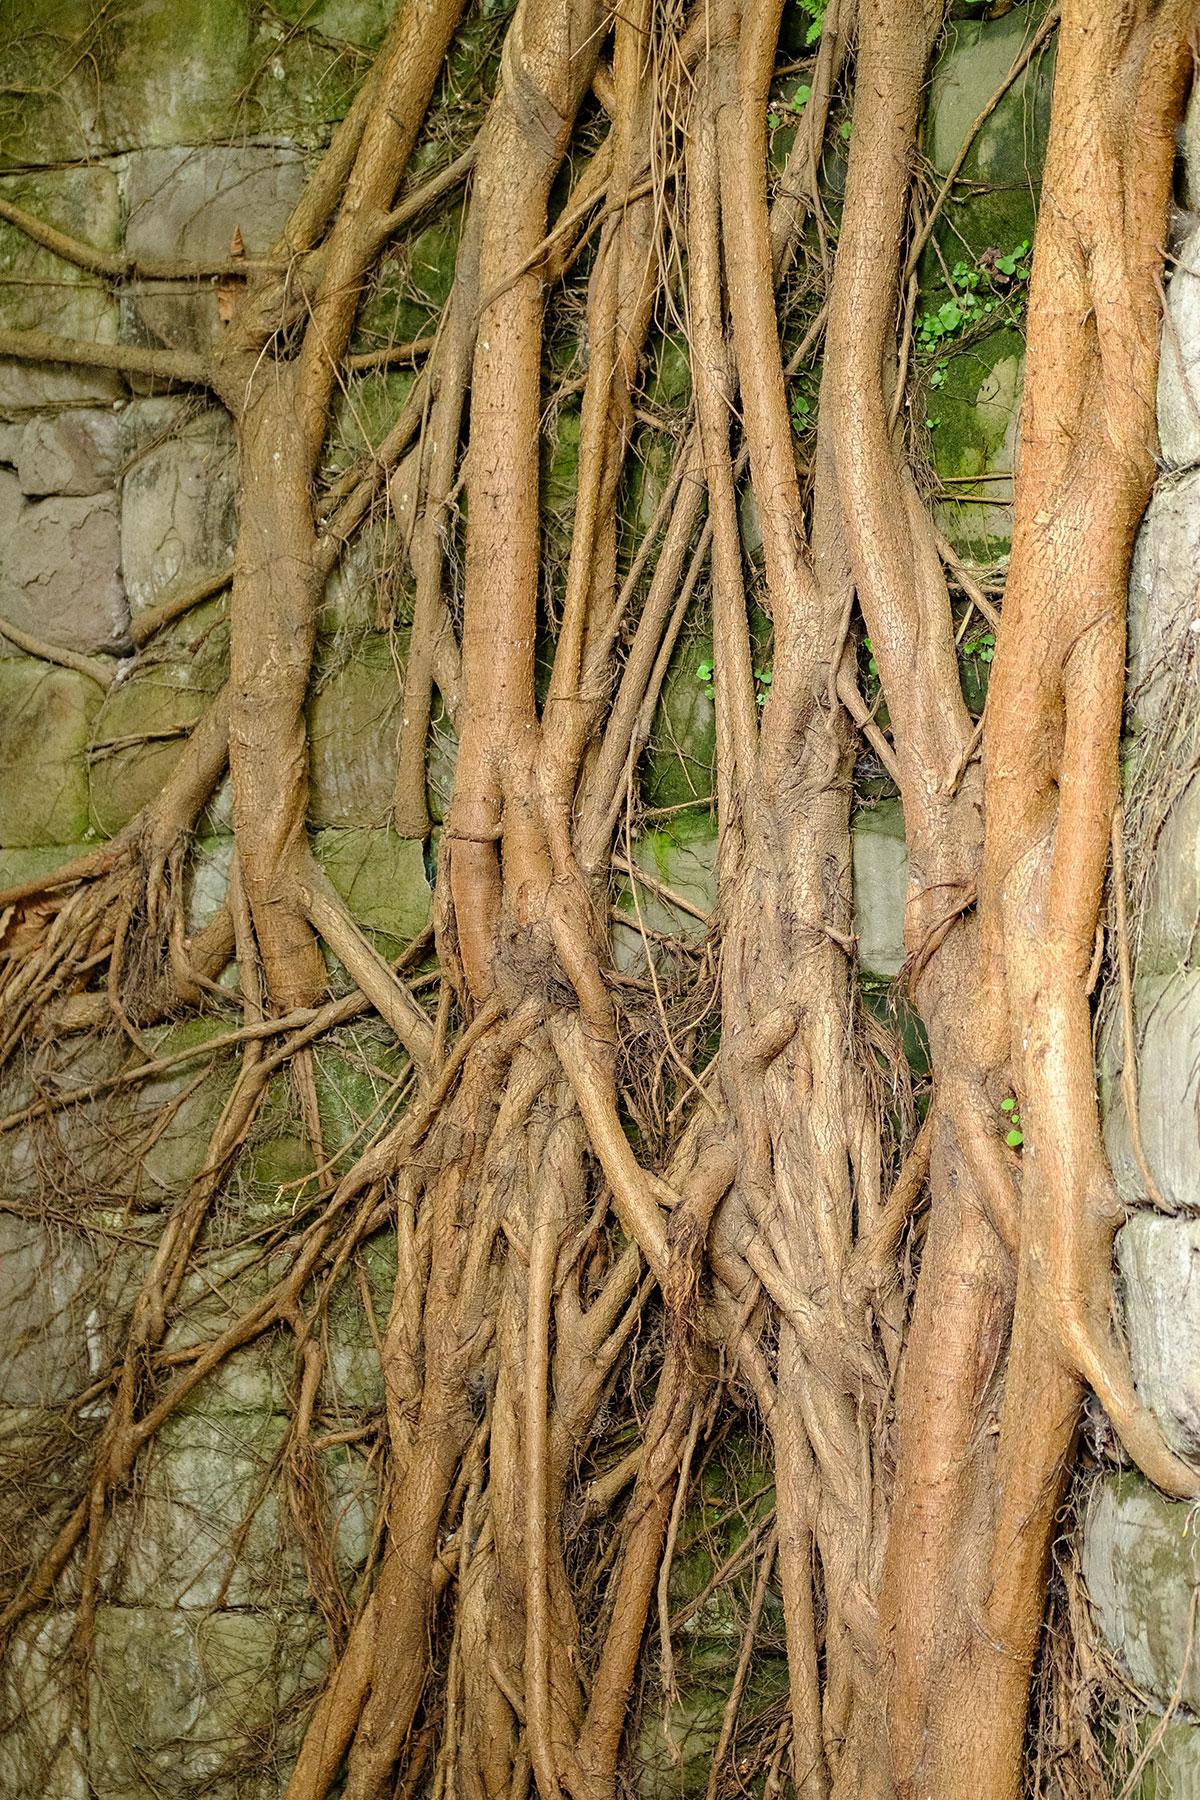 Wurzeln eines Baumes in Chongqing